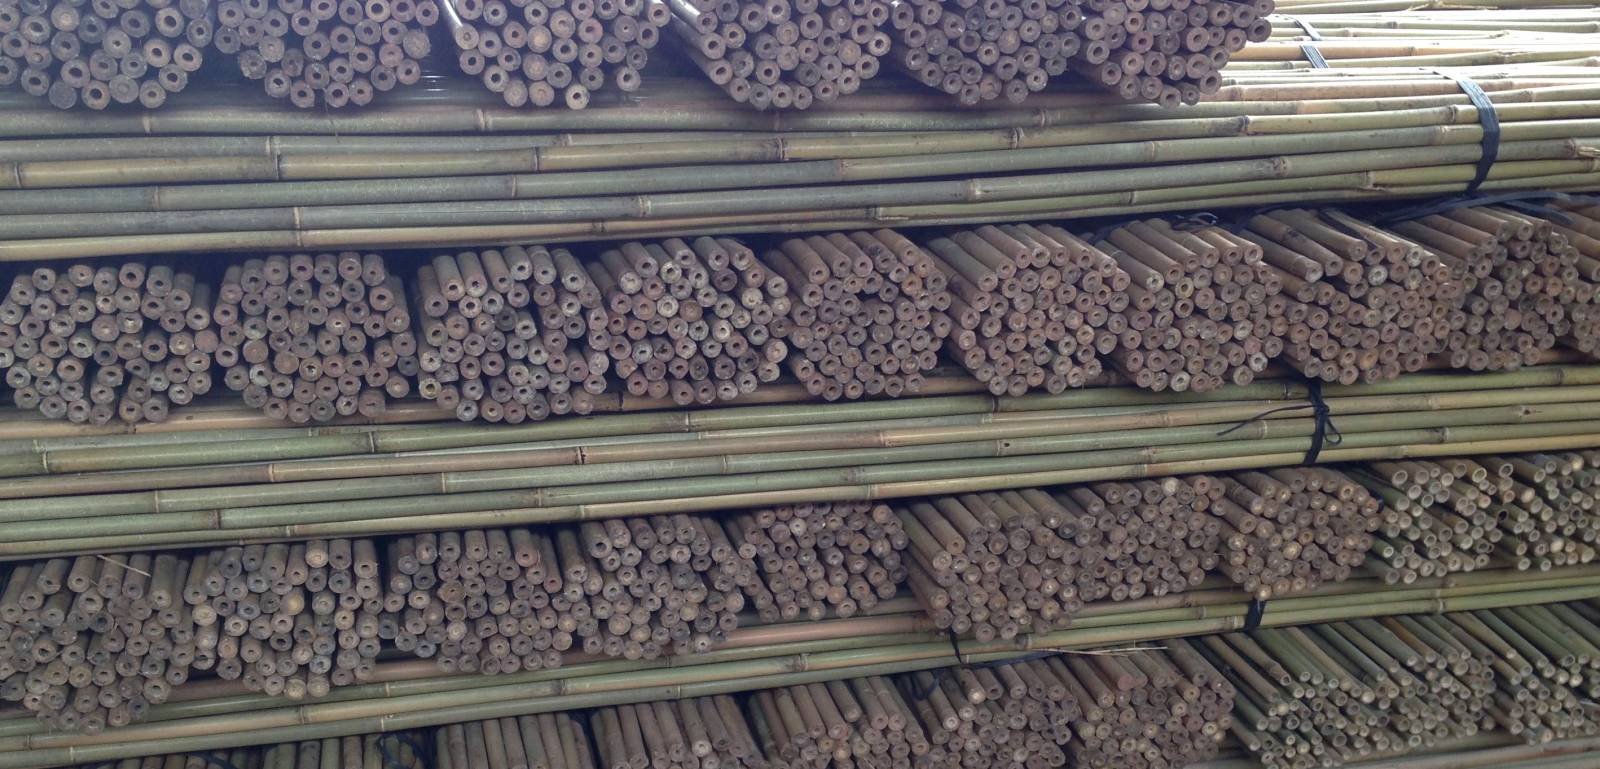 tuteur bambou rond importateur de bambous et mati res v g tales naturelles pour tuteurage. Black Bedroom Furniture Sets. Home Design Ideas